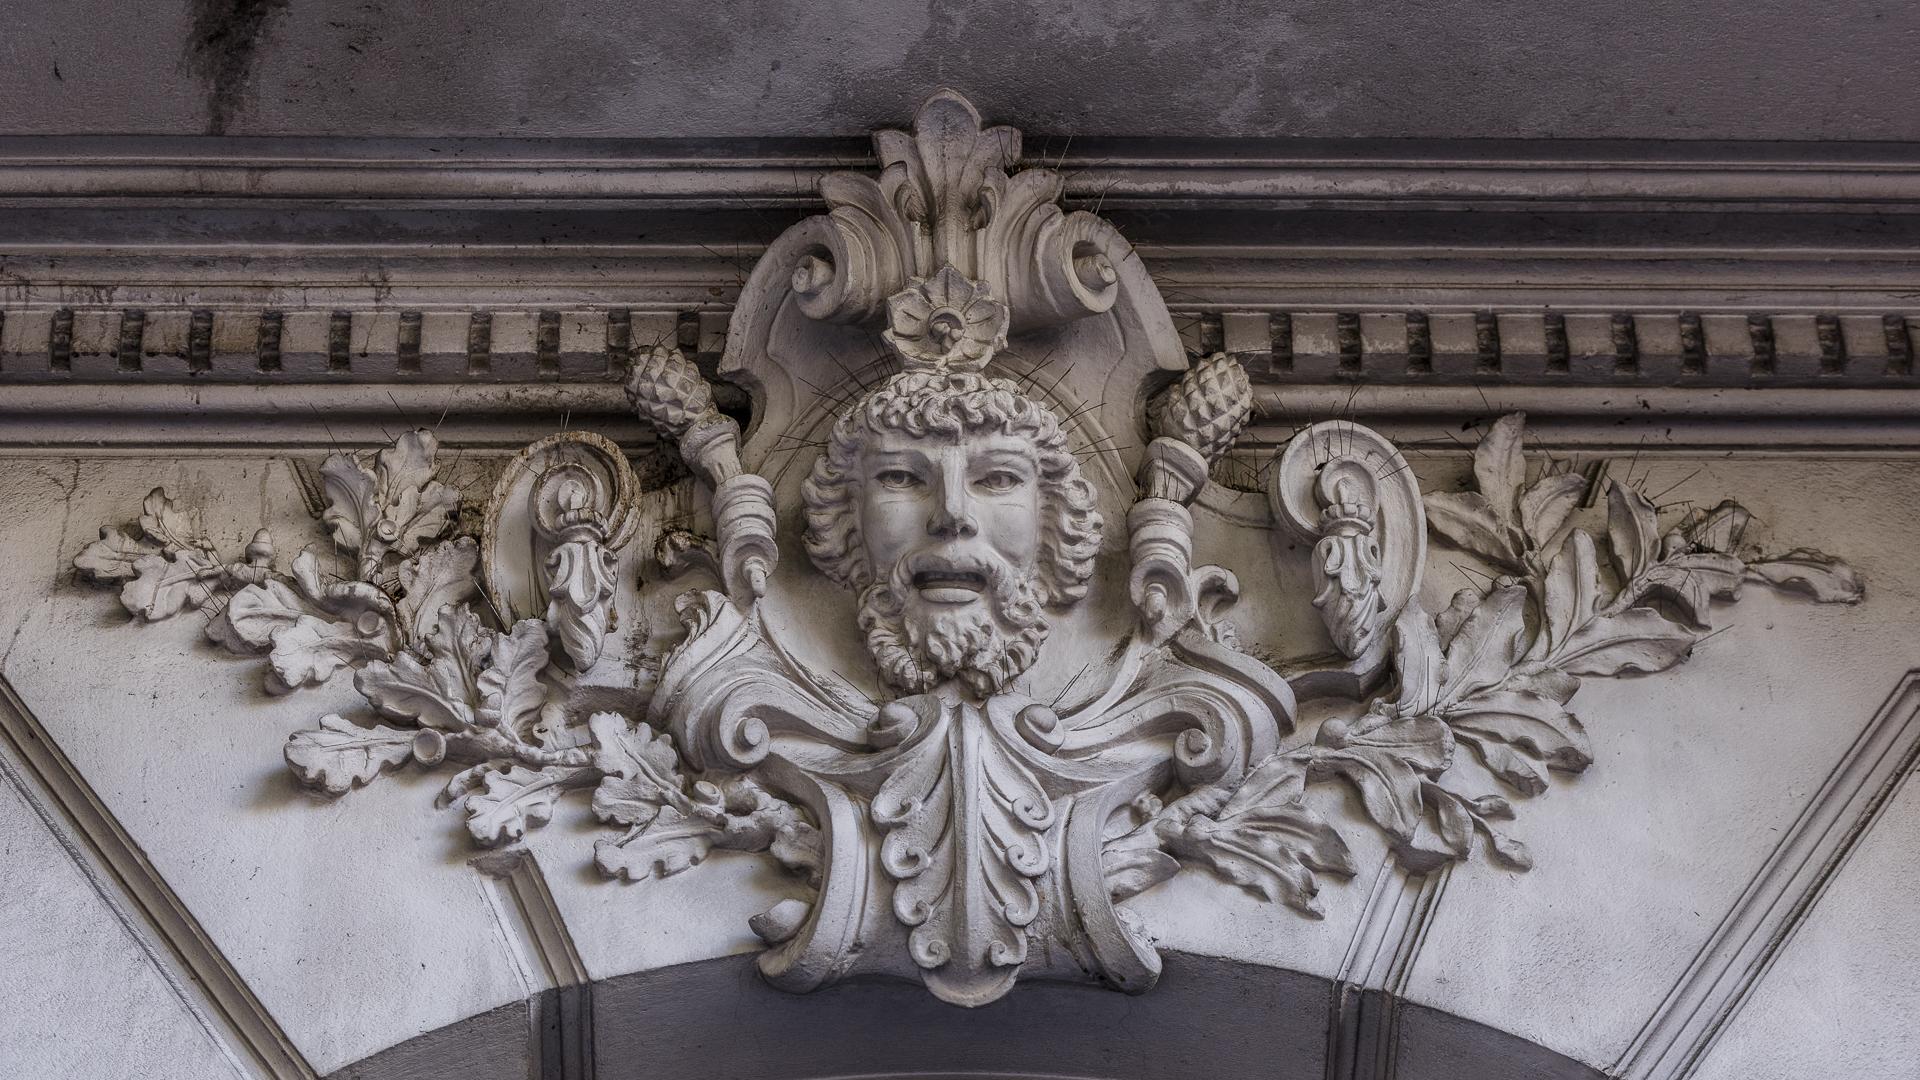 El edificio construido a instancias de su propietario José C. Paz y proyectado en París, fue adaptado al terreno en la Argentina por los ingenieros Carlos Agote y Alberto Gainza -egresados de L´Ecole des Beaux Arts de París